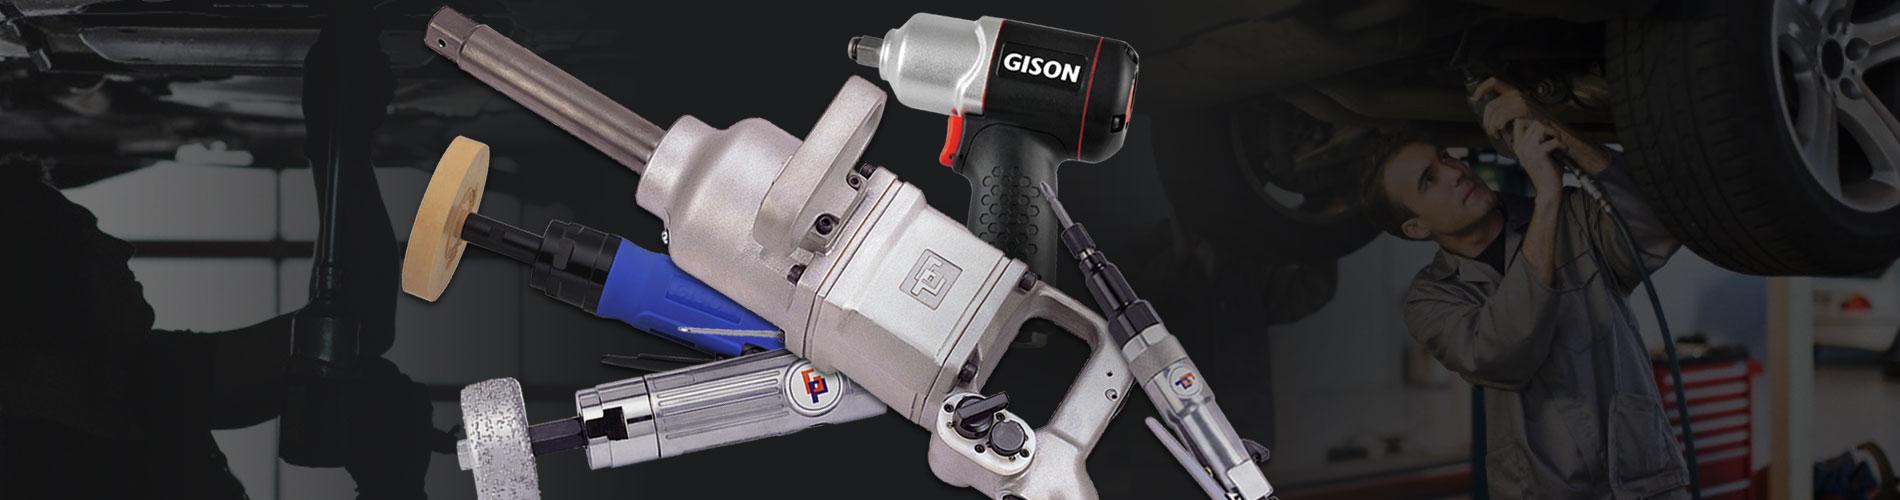 Outils pneumatiques pour la   fixation / la réparation automobile